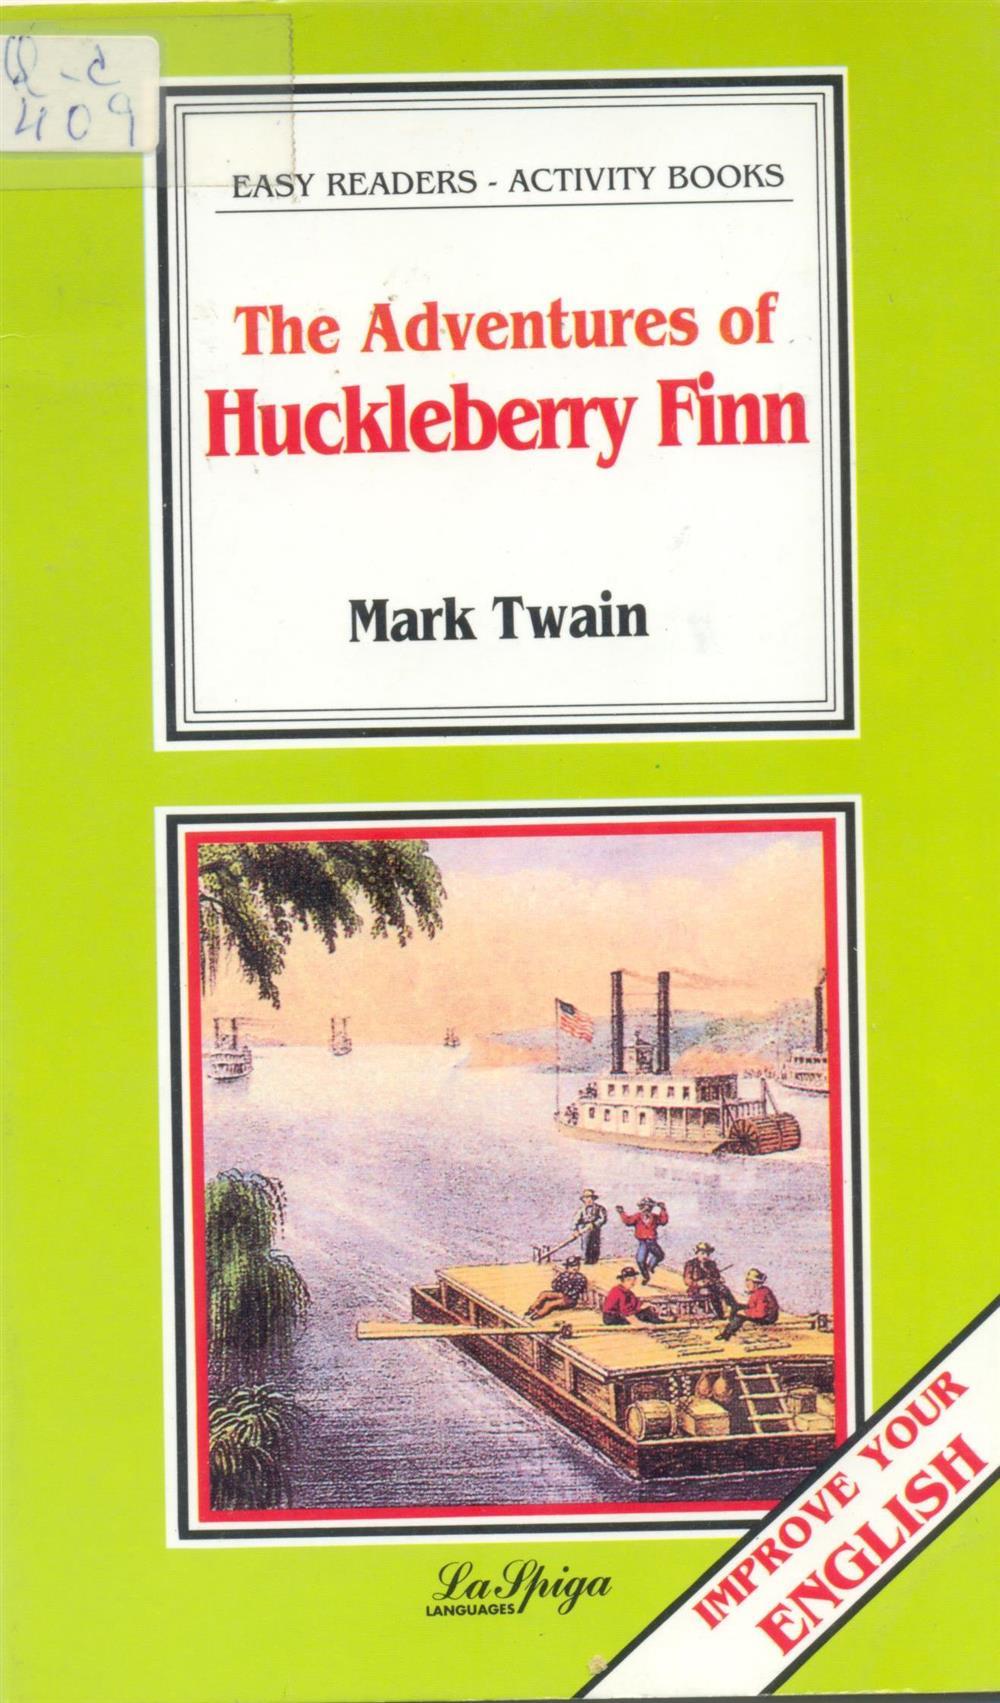 The adventures of Huckleberry Finn 001.jpg